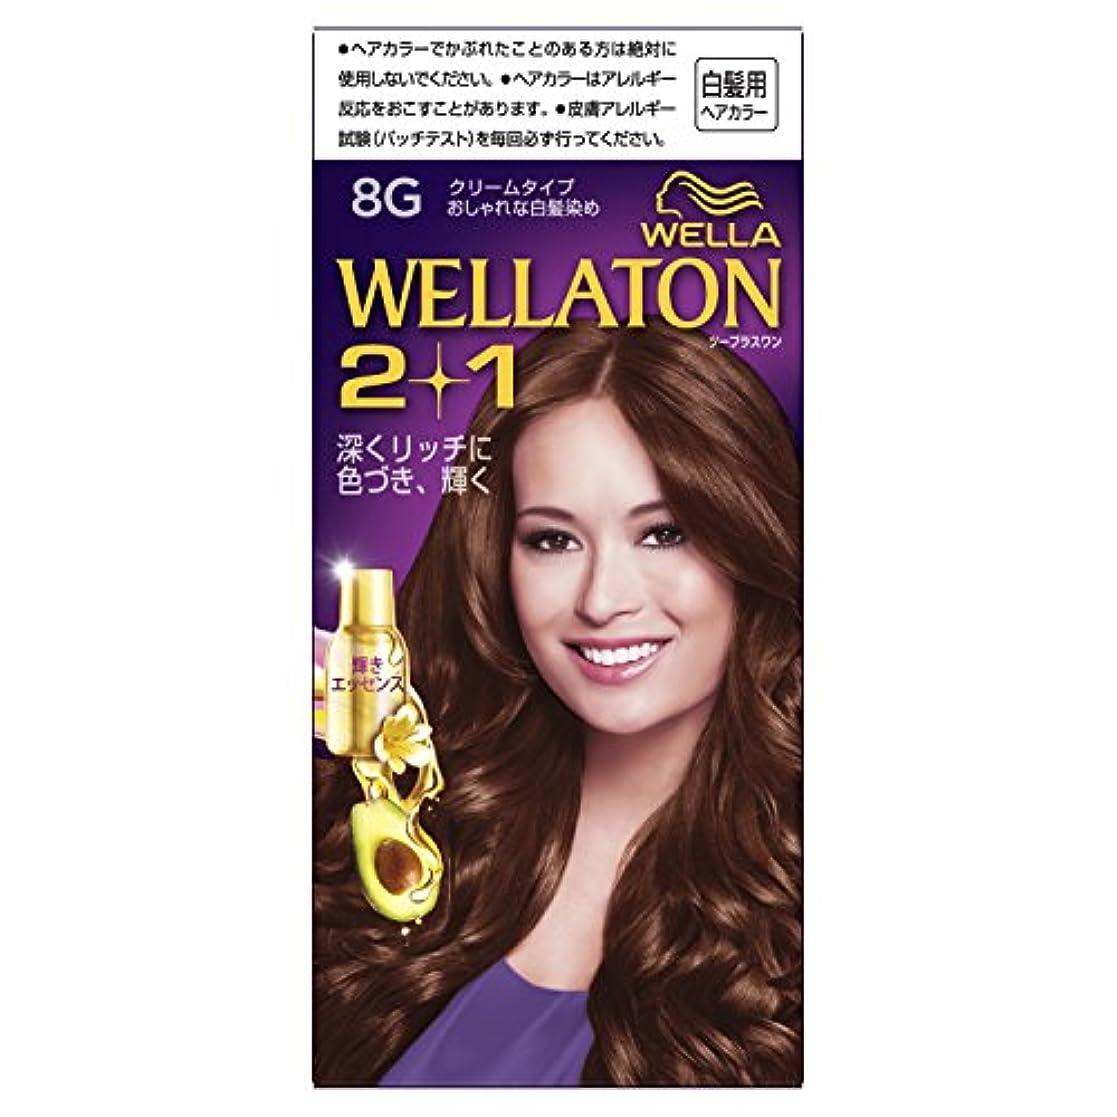 人工自発収束するウエラトーン2+1 クリームタイプ 8G [医薬部外品](おしゃれな白髪染め)